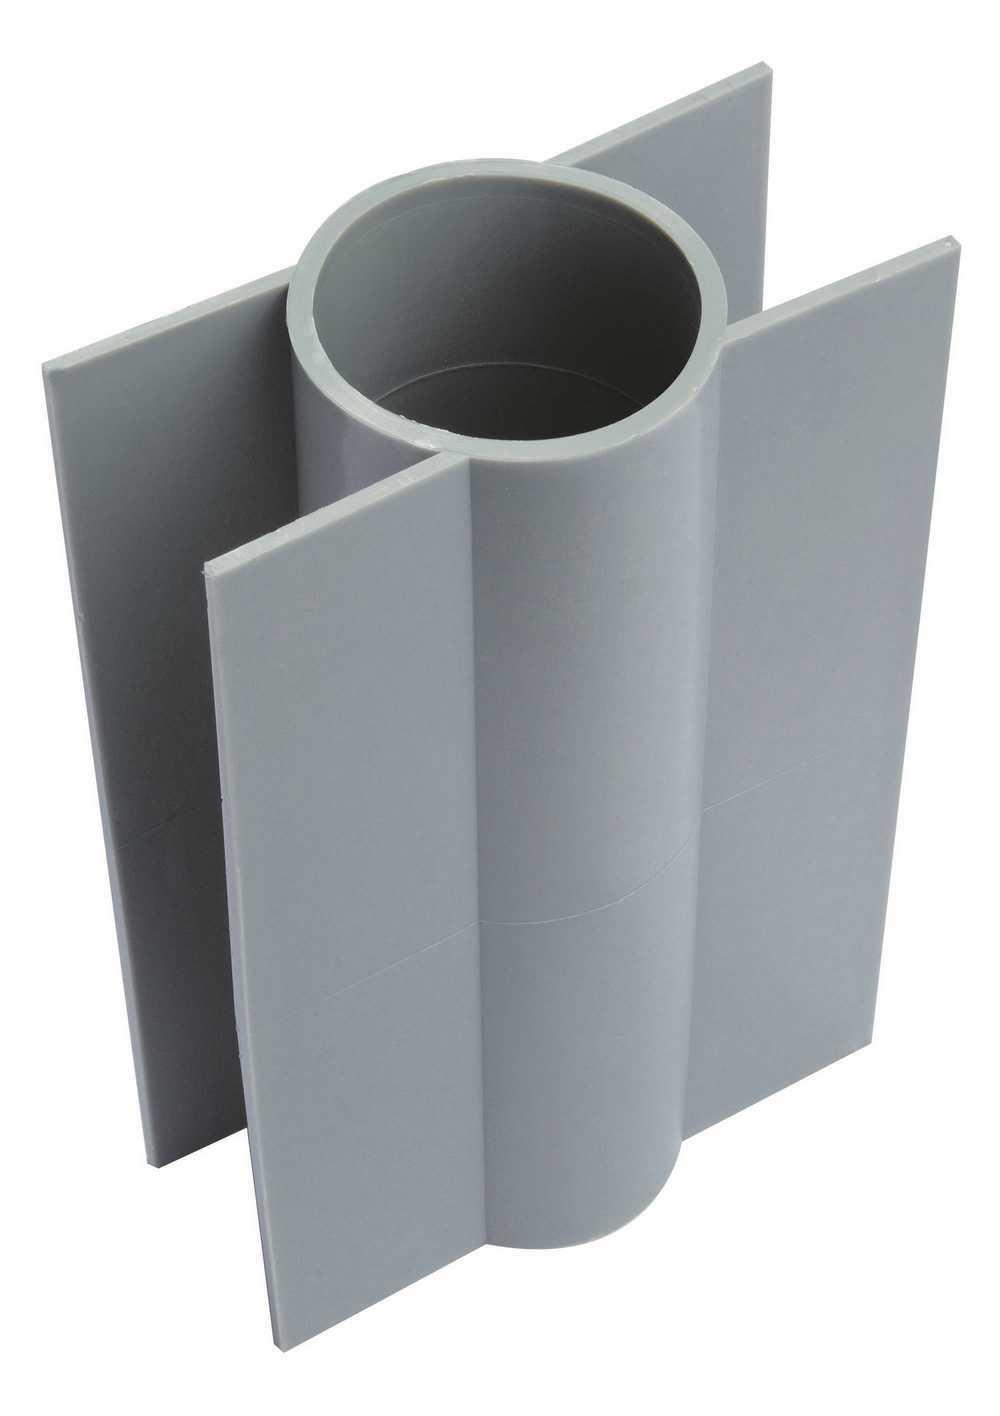 Betonplaathouder 48mm/18cm hoog, uit 1 stuk